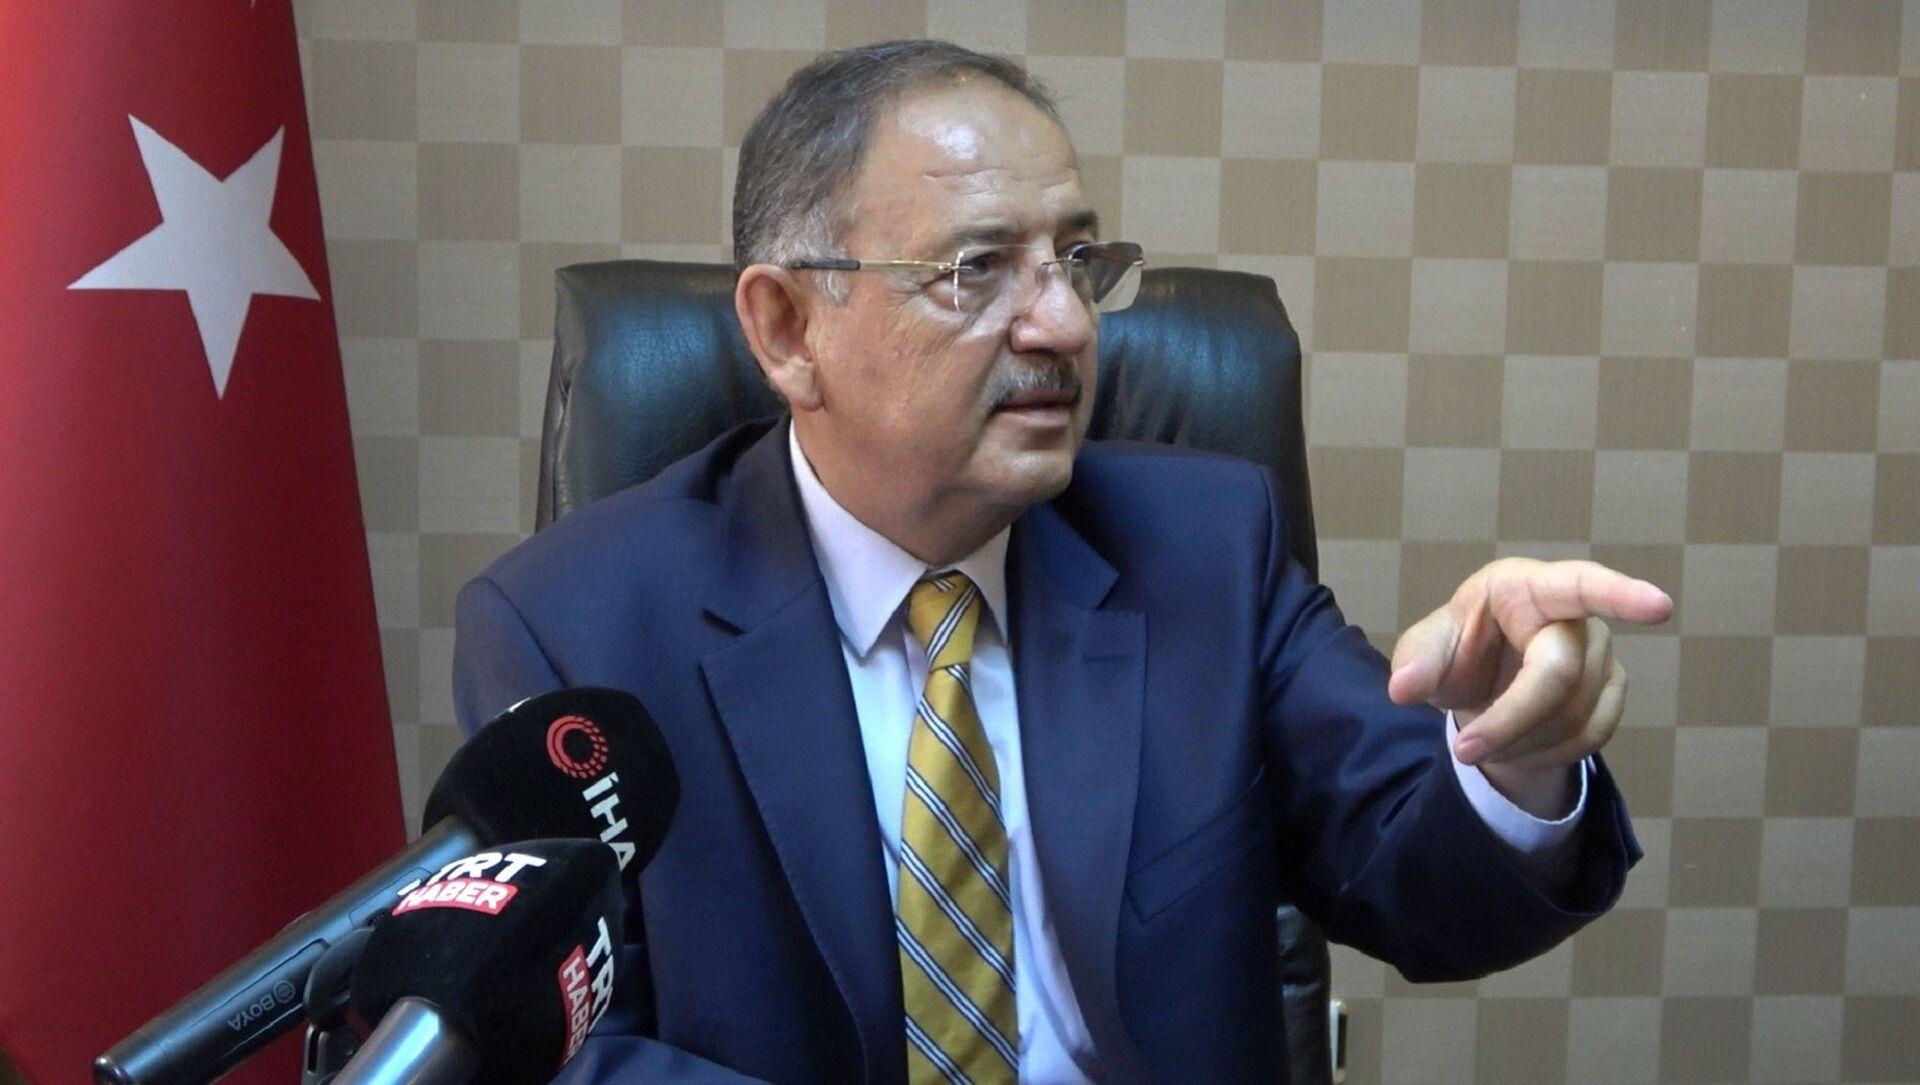 AK Parti Genel Başkan Yardımcısı ve Yerel Yönetimler Başkanı Mehmet Özhaseki, - Sputnik Türkiye, 1920, 27.07.2021